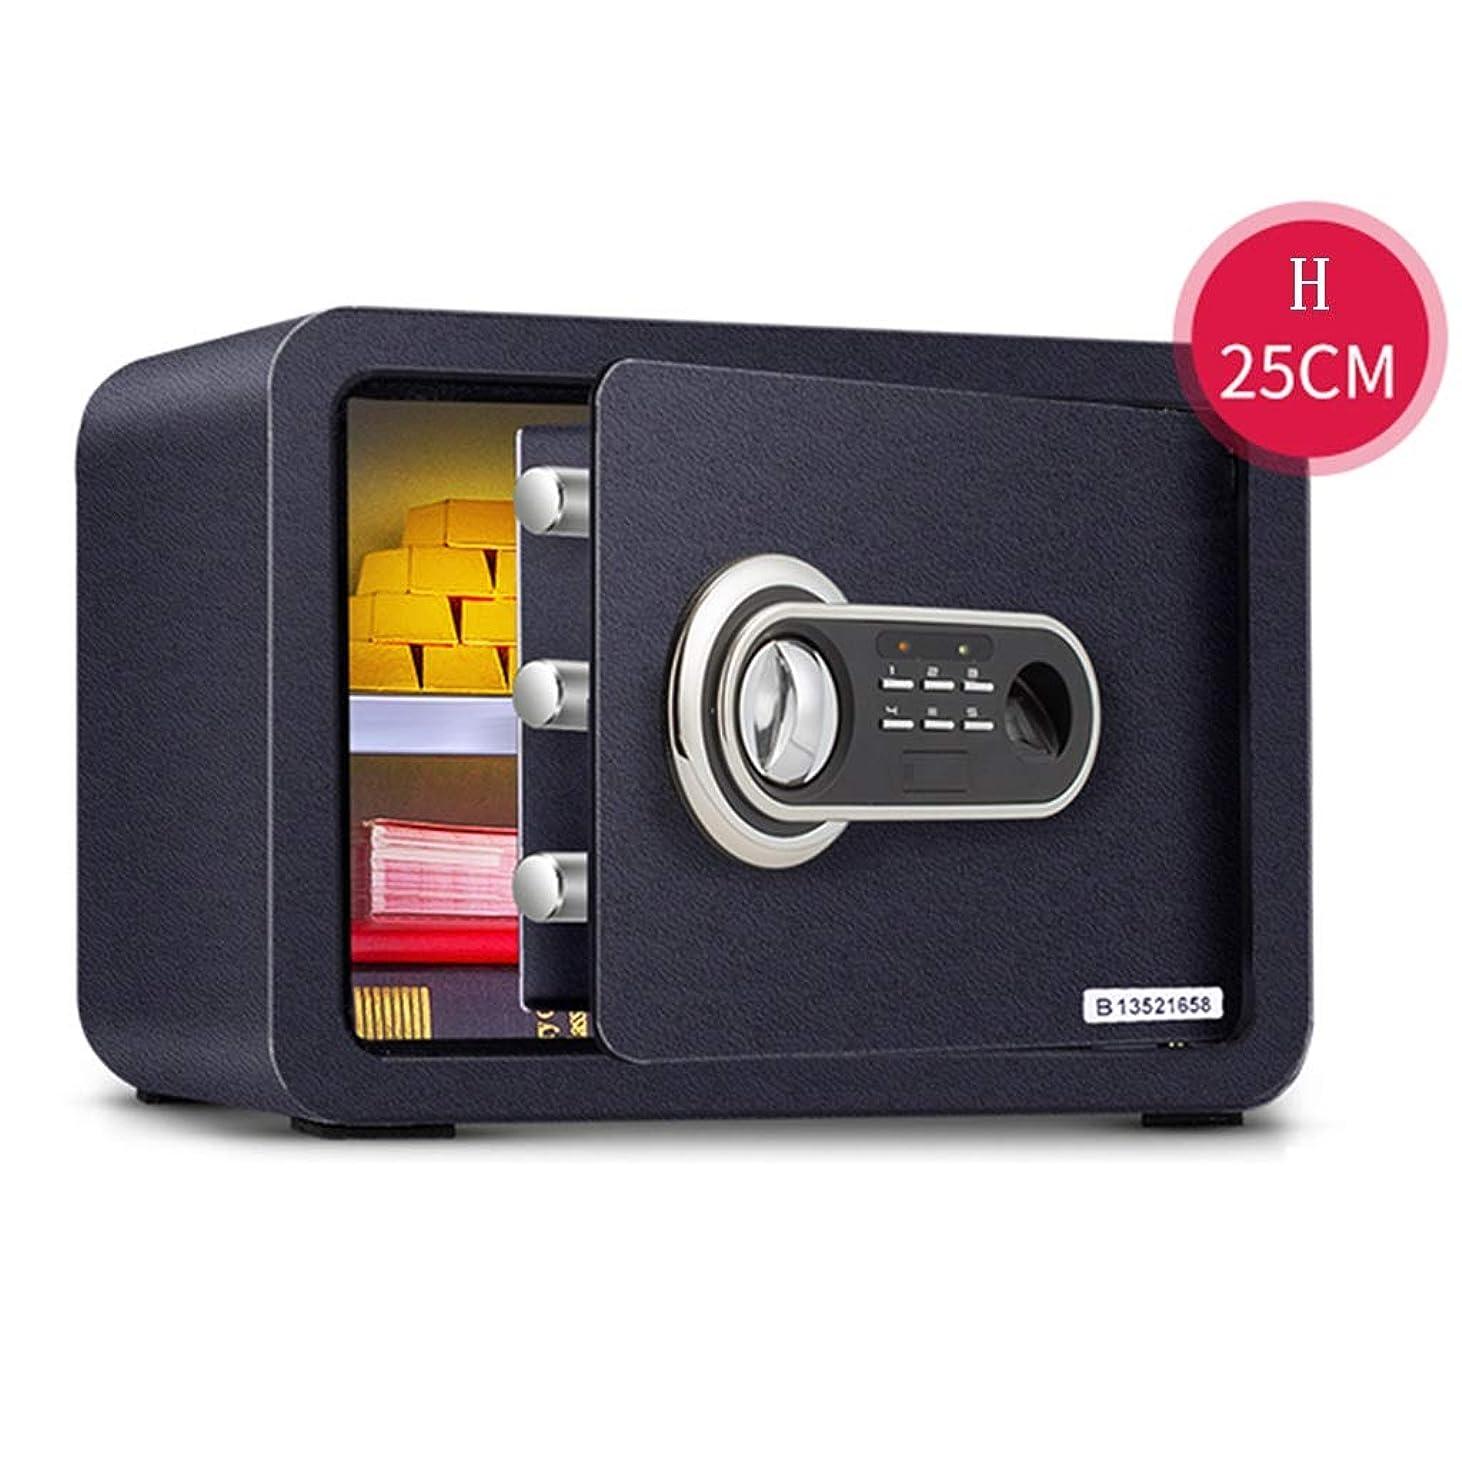 緊急イブニングディスコパーツボックス 安全なミニメタルセーフティボックスファミリーベッドルームベッドサイドテーブル指紋スマート安全な家庭用小型ストレージボックスギフト (Color : B, Size : 35*25*25cm)